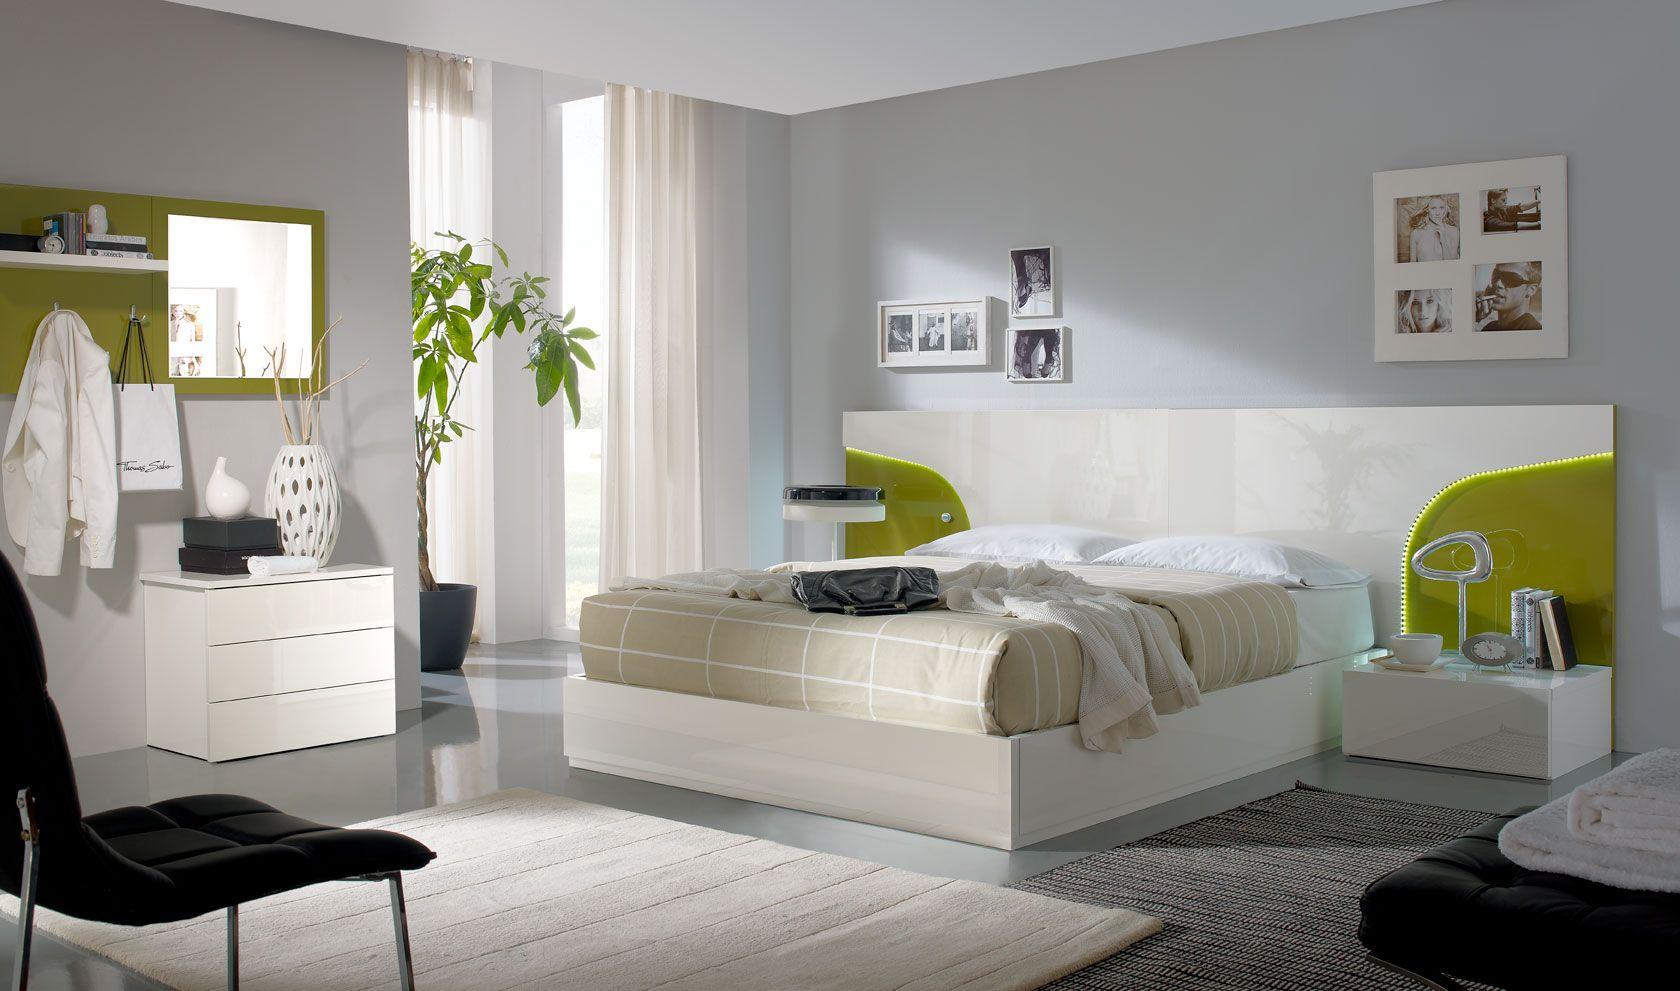 La Habitaci N De Tus Sue Os Dise O Y Descanso En Hipop Tamo  # Muebles Hipopotamo En Zaragoza